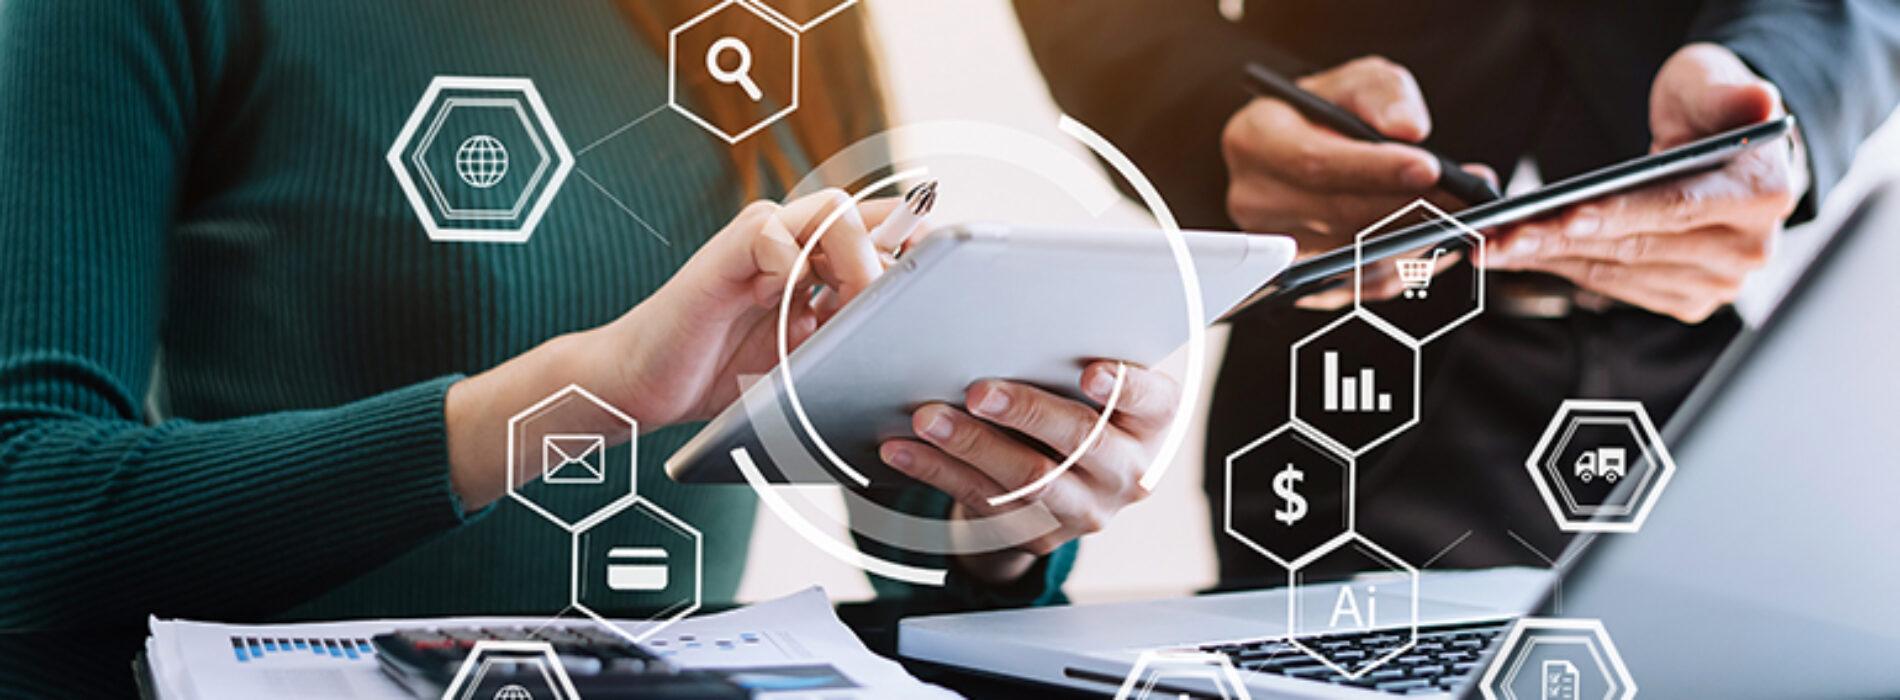 Marketing internetowy – to jest to, czego potrzebuje Twoja firma